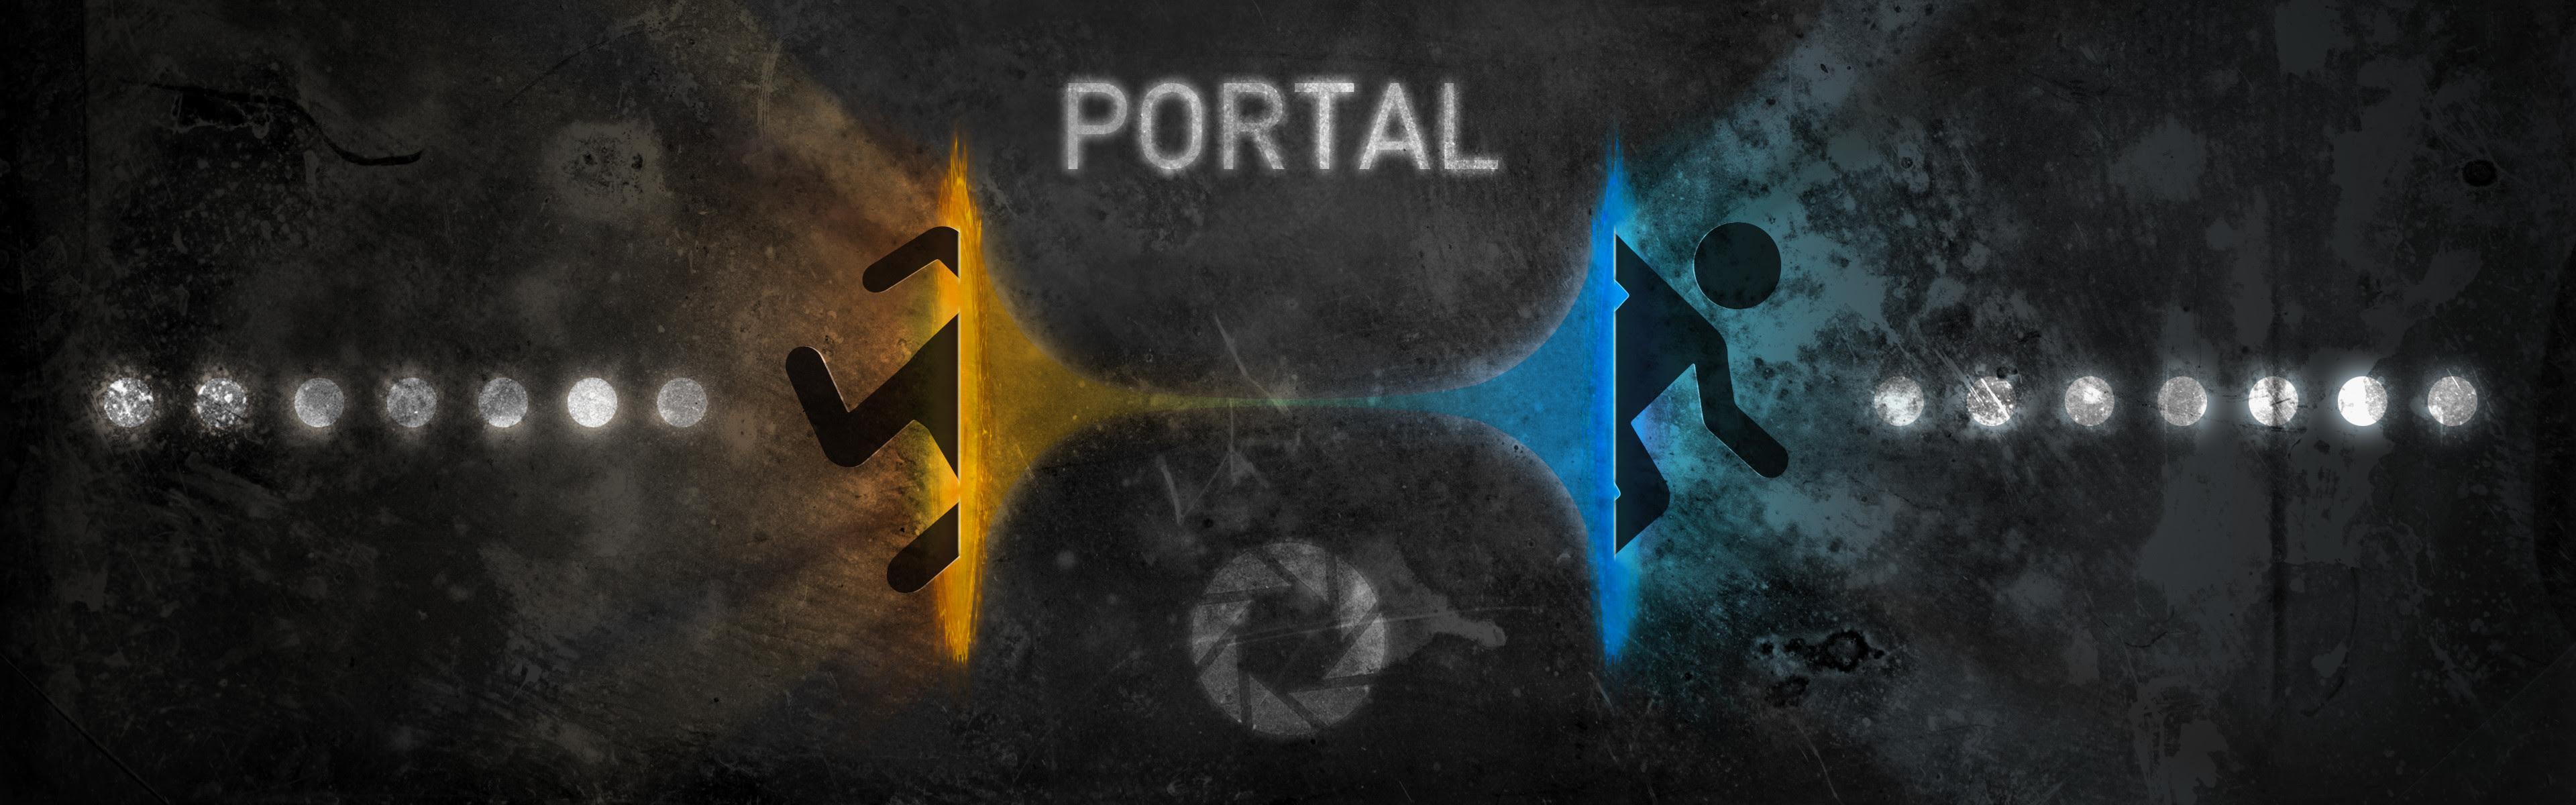 Portal Wallpaper Dual Screen 45 Images